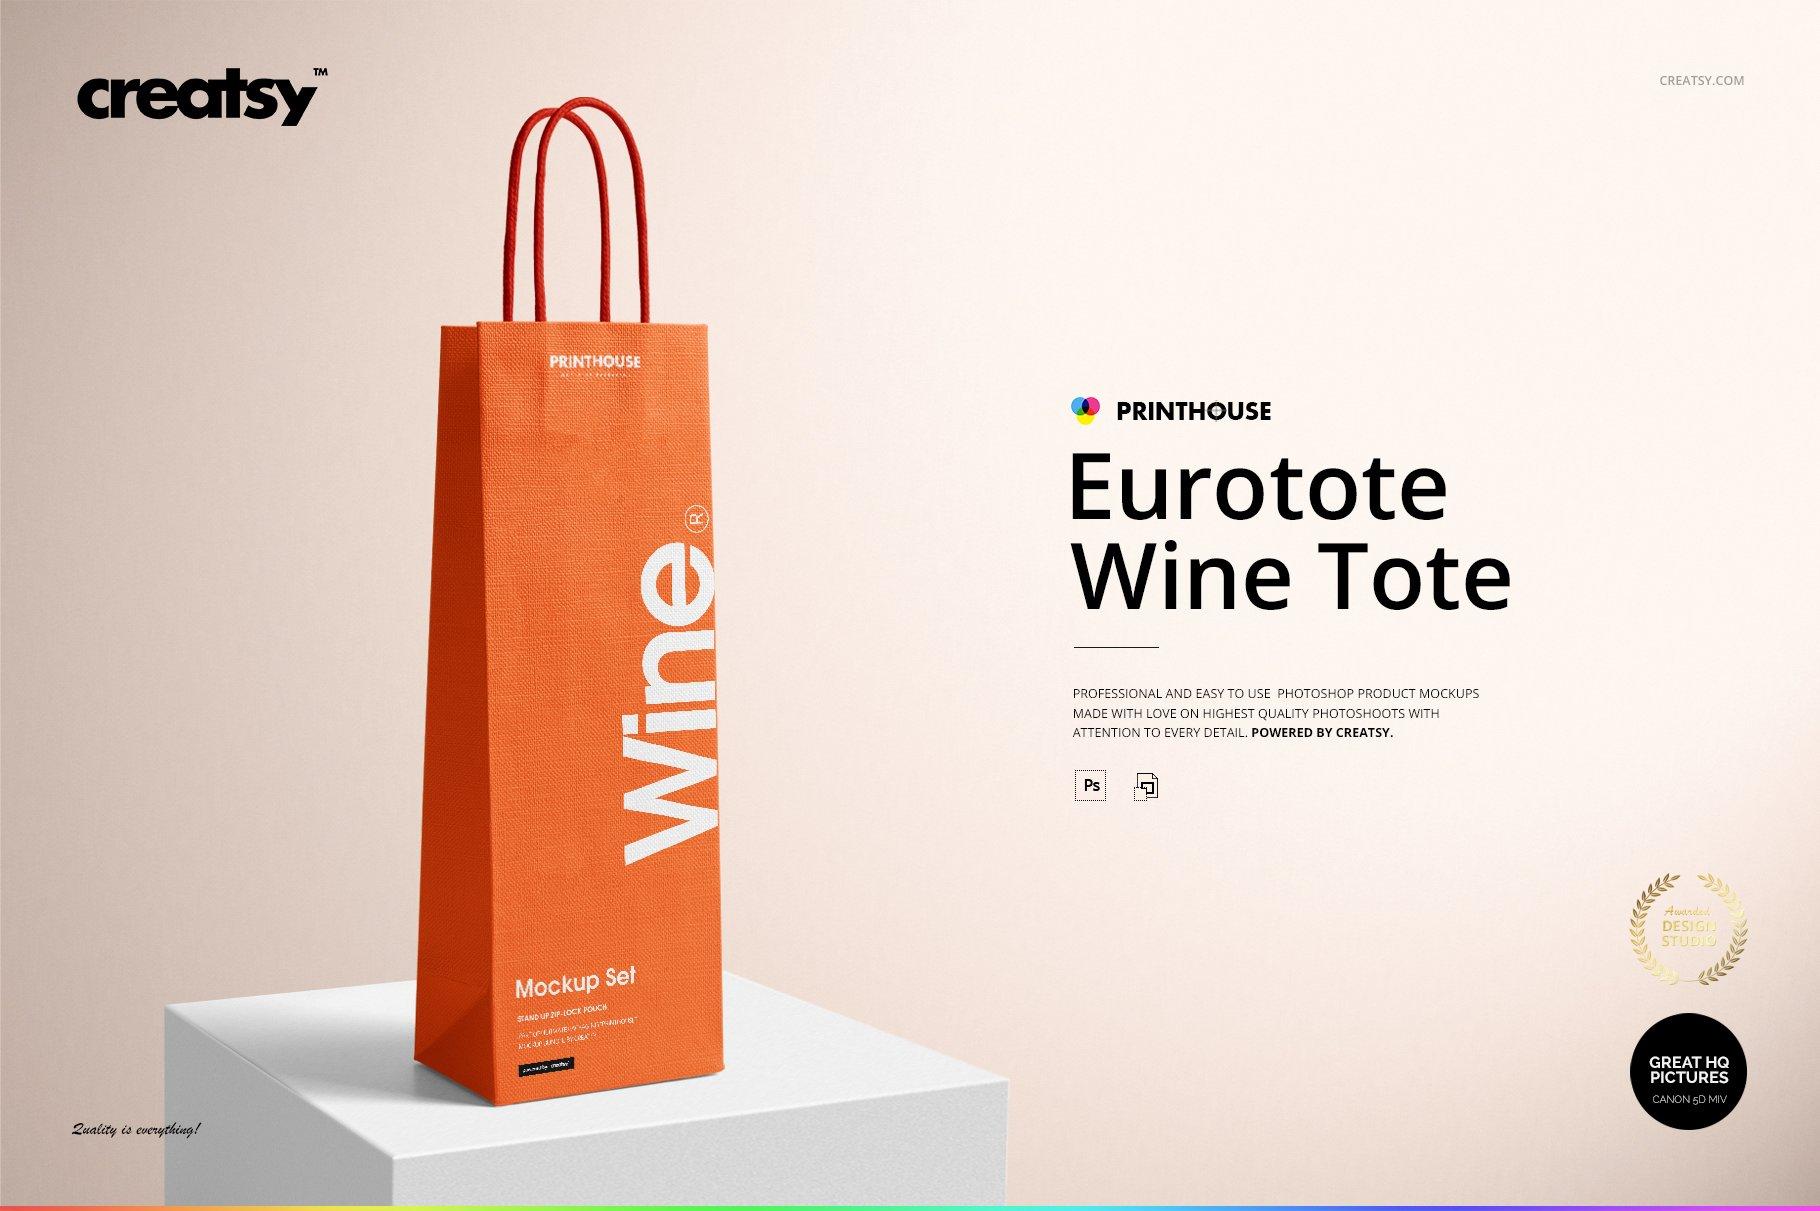 [淘宝购买] 精美葡萄酒手提袋设计展示贴图样机套装 Eurotote Wine Tote Bag Mockup Set插图